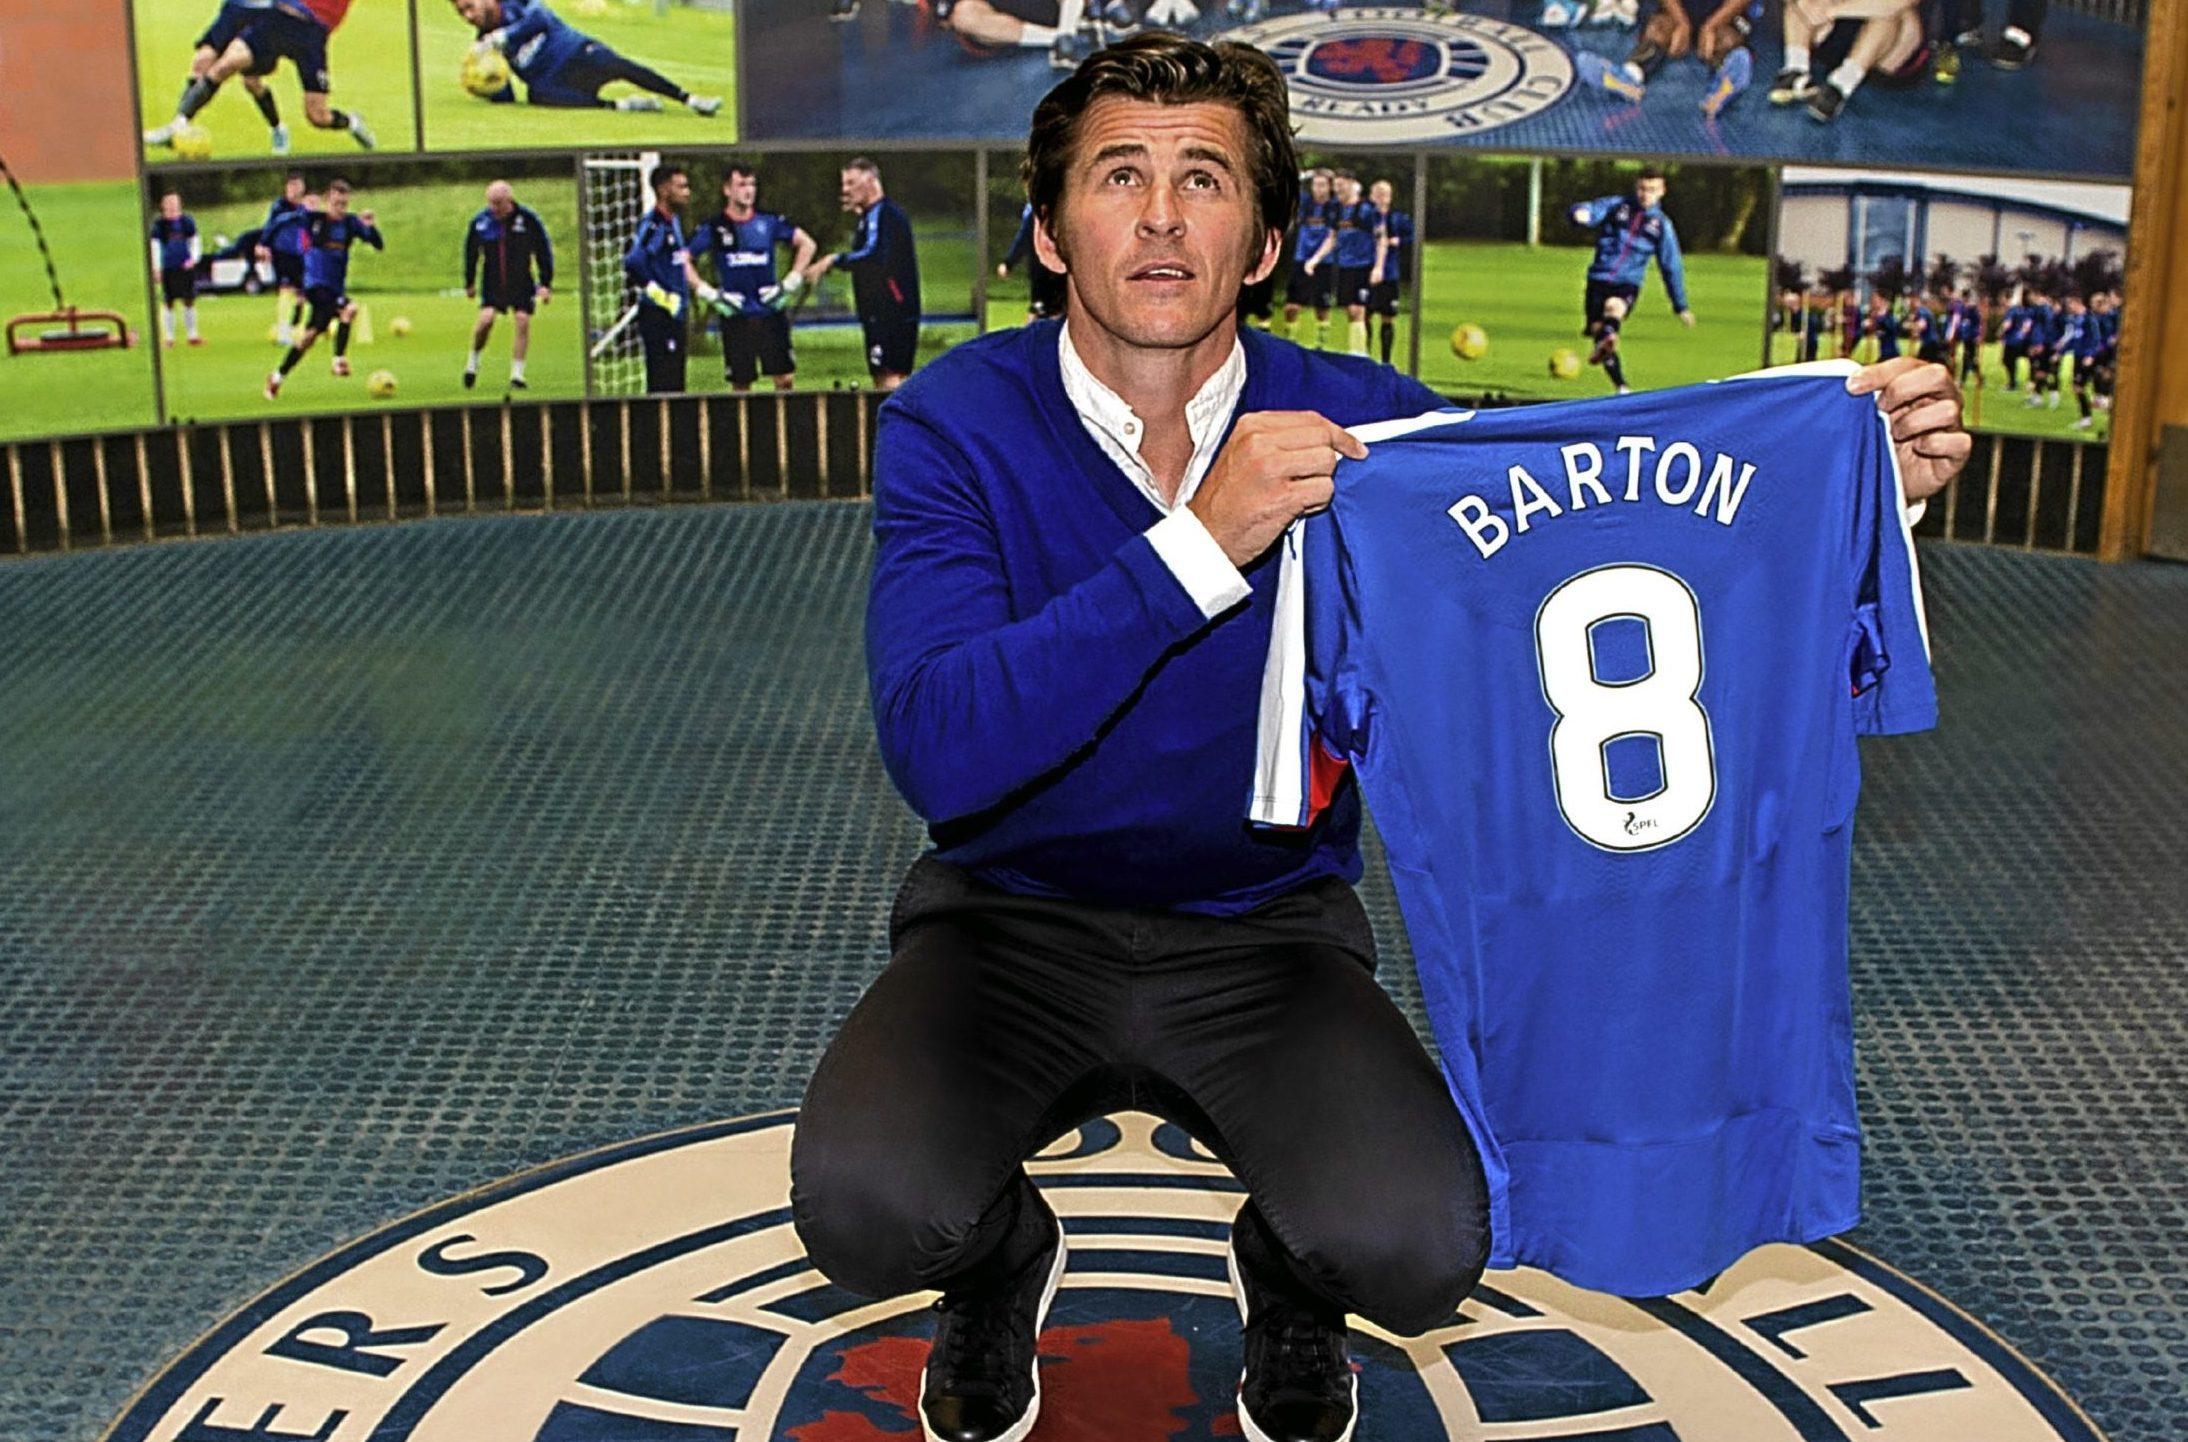 Joey Barton.